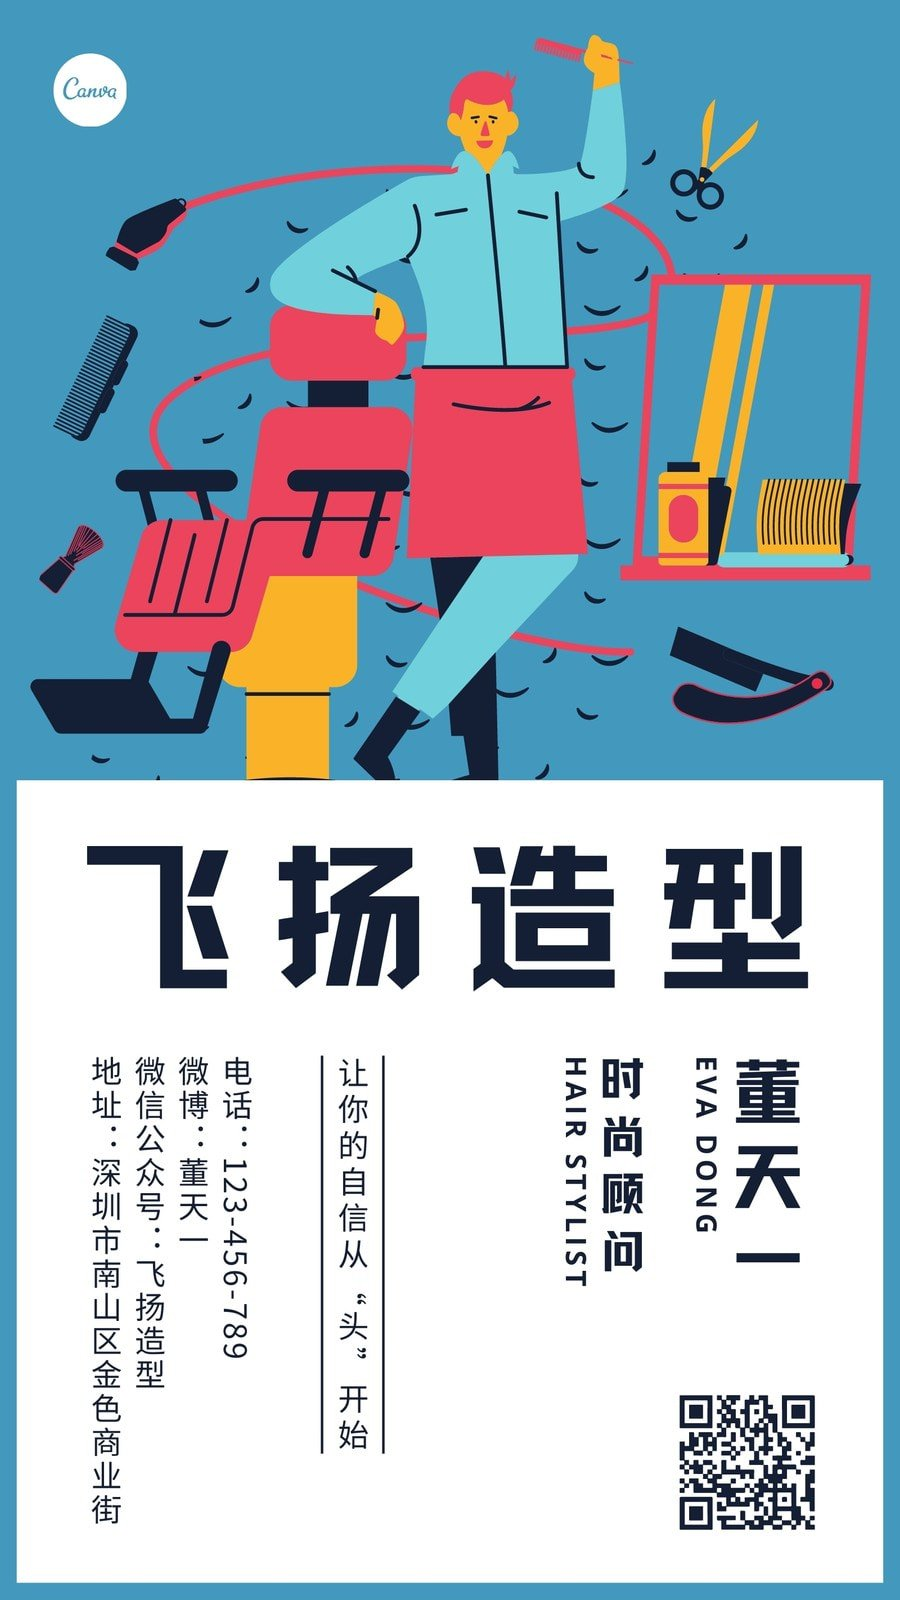 蓝红色人物理发扁平插画矢量美发介绍中文电子名片